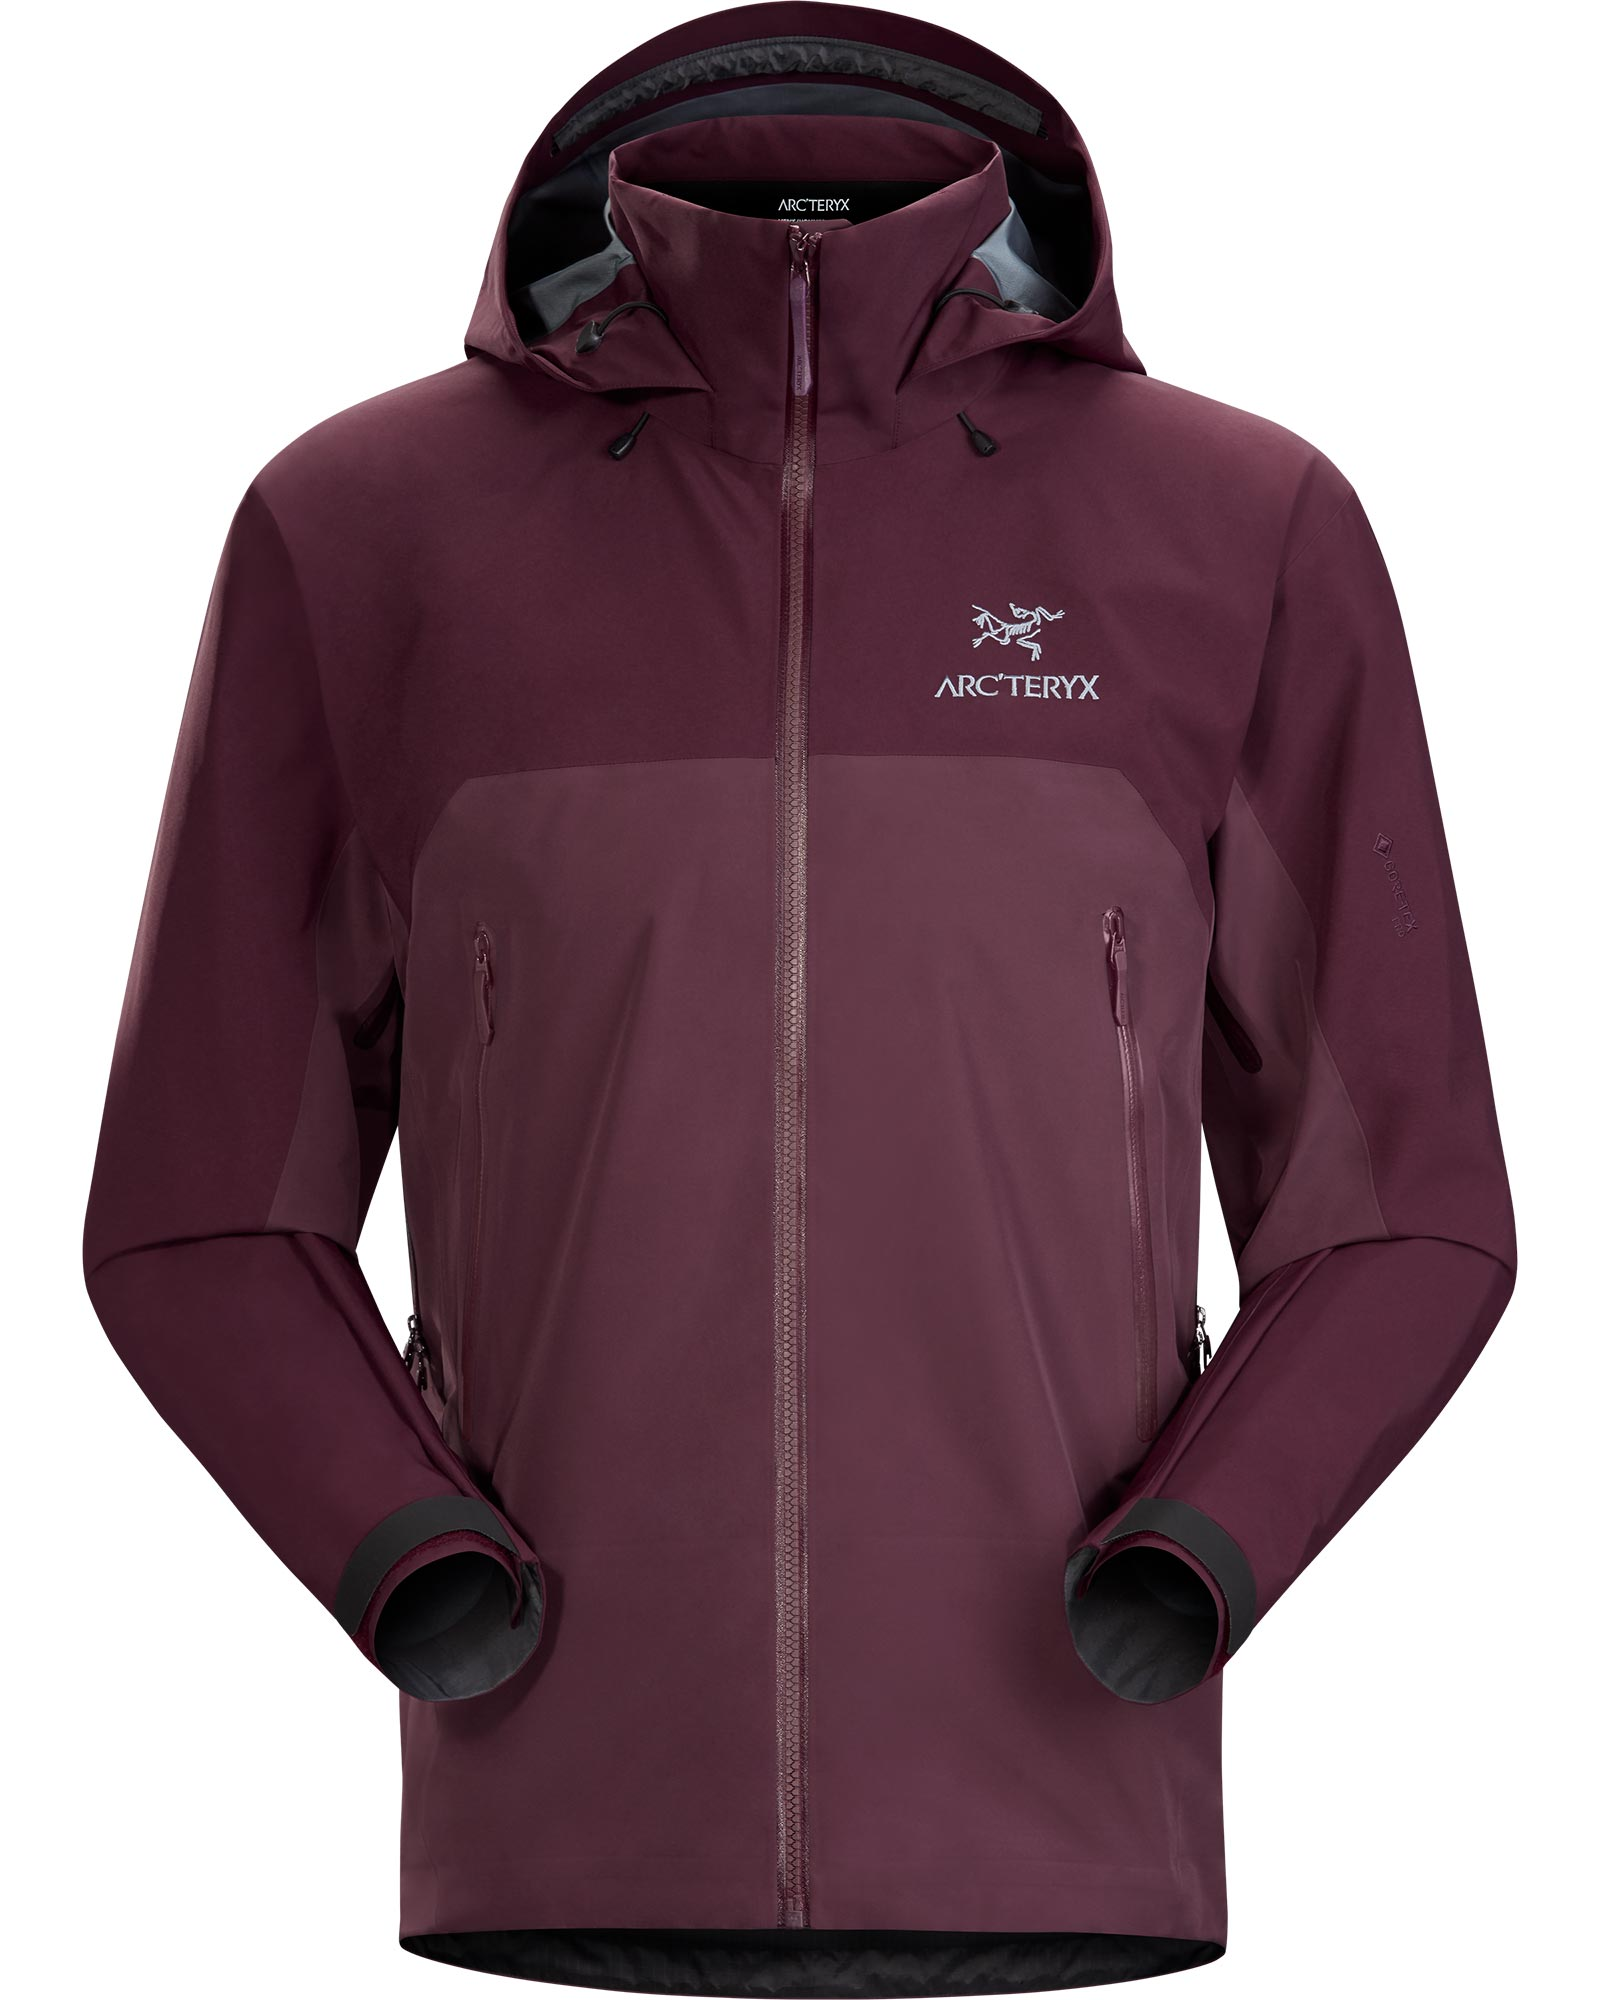 Arc'teryx Men's Beta AR GORE-TEX Pro Jacket 0